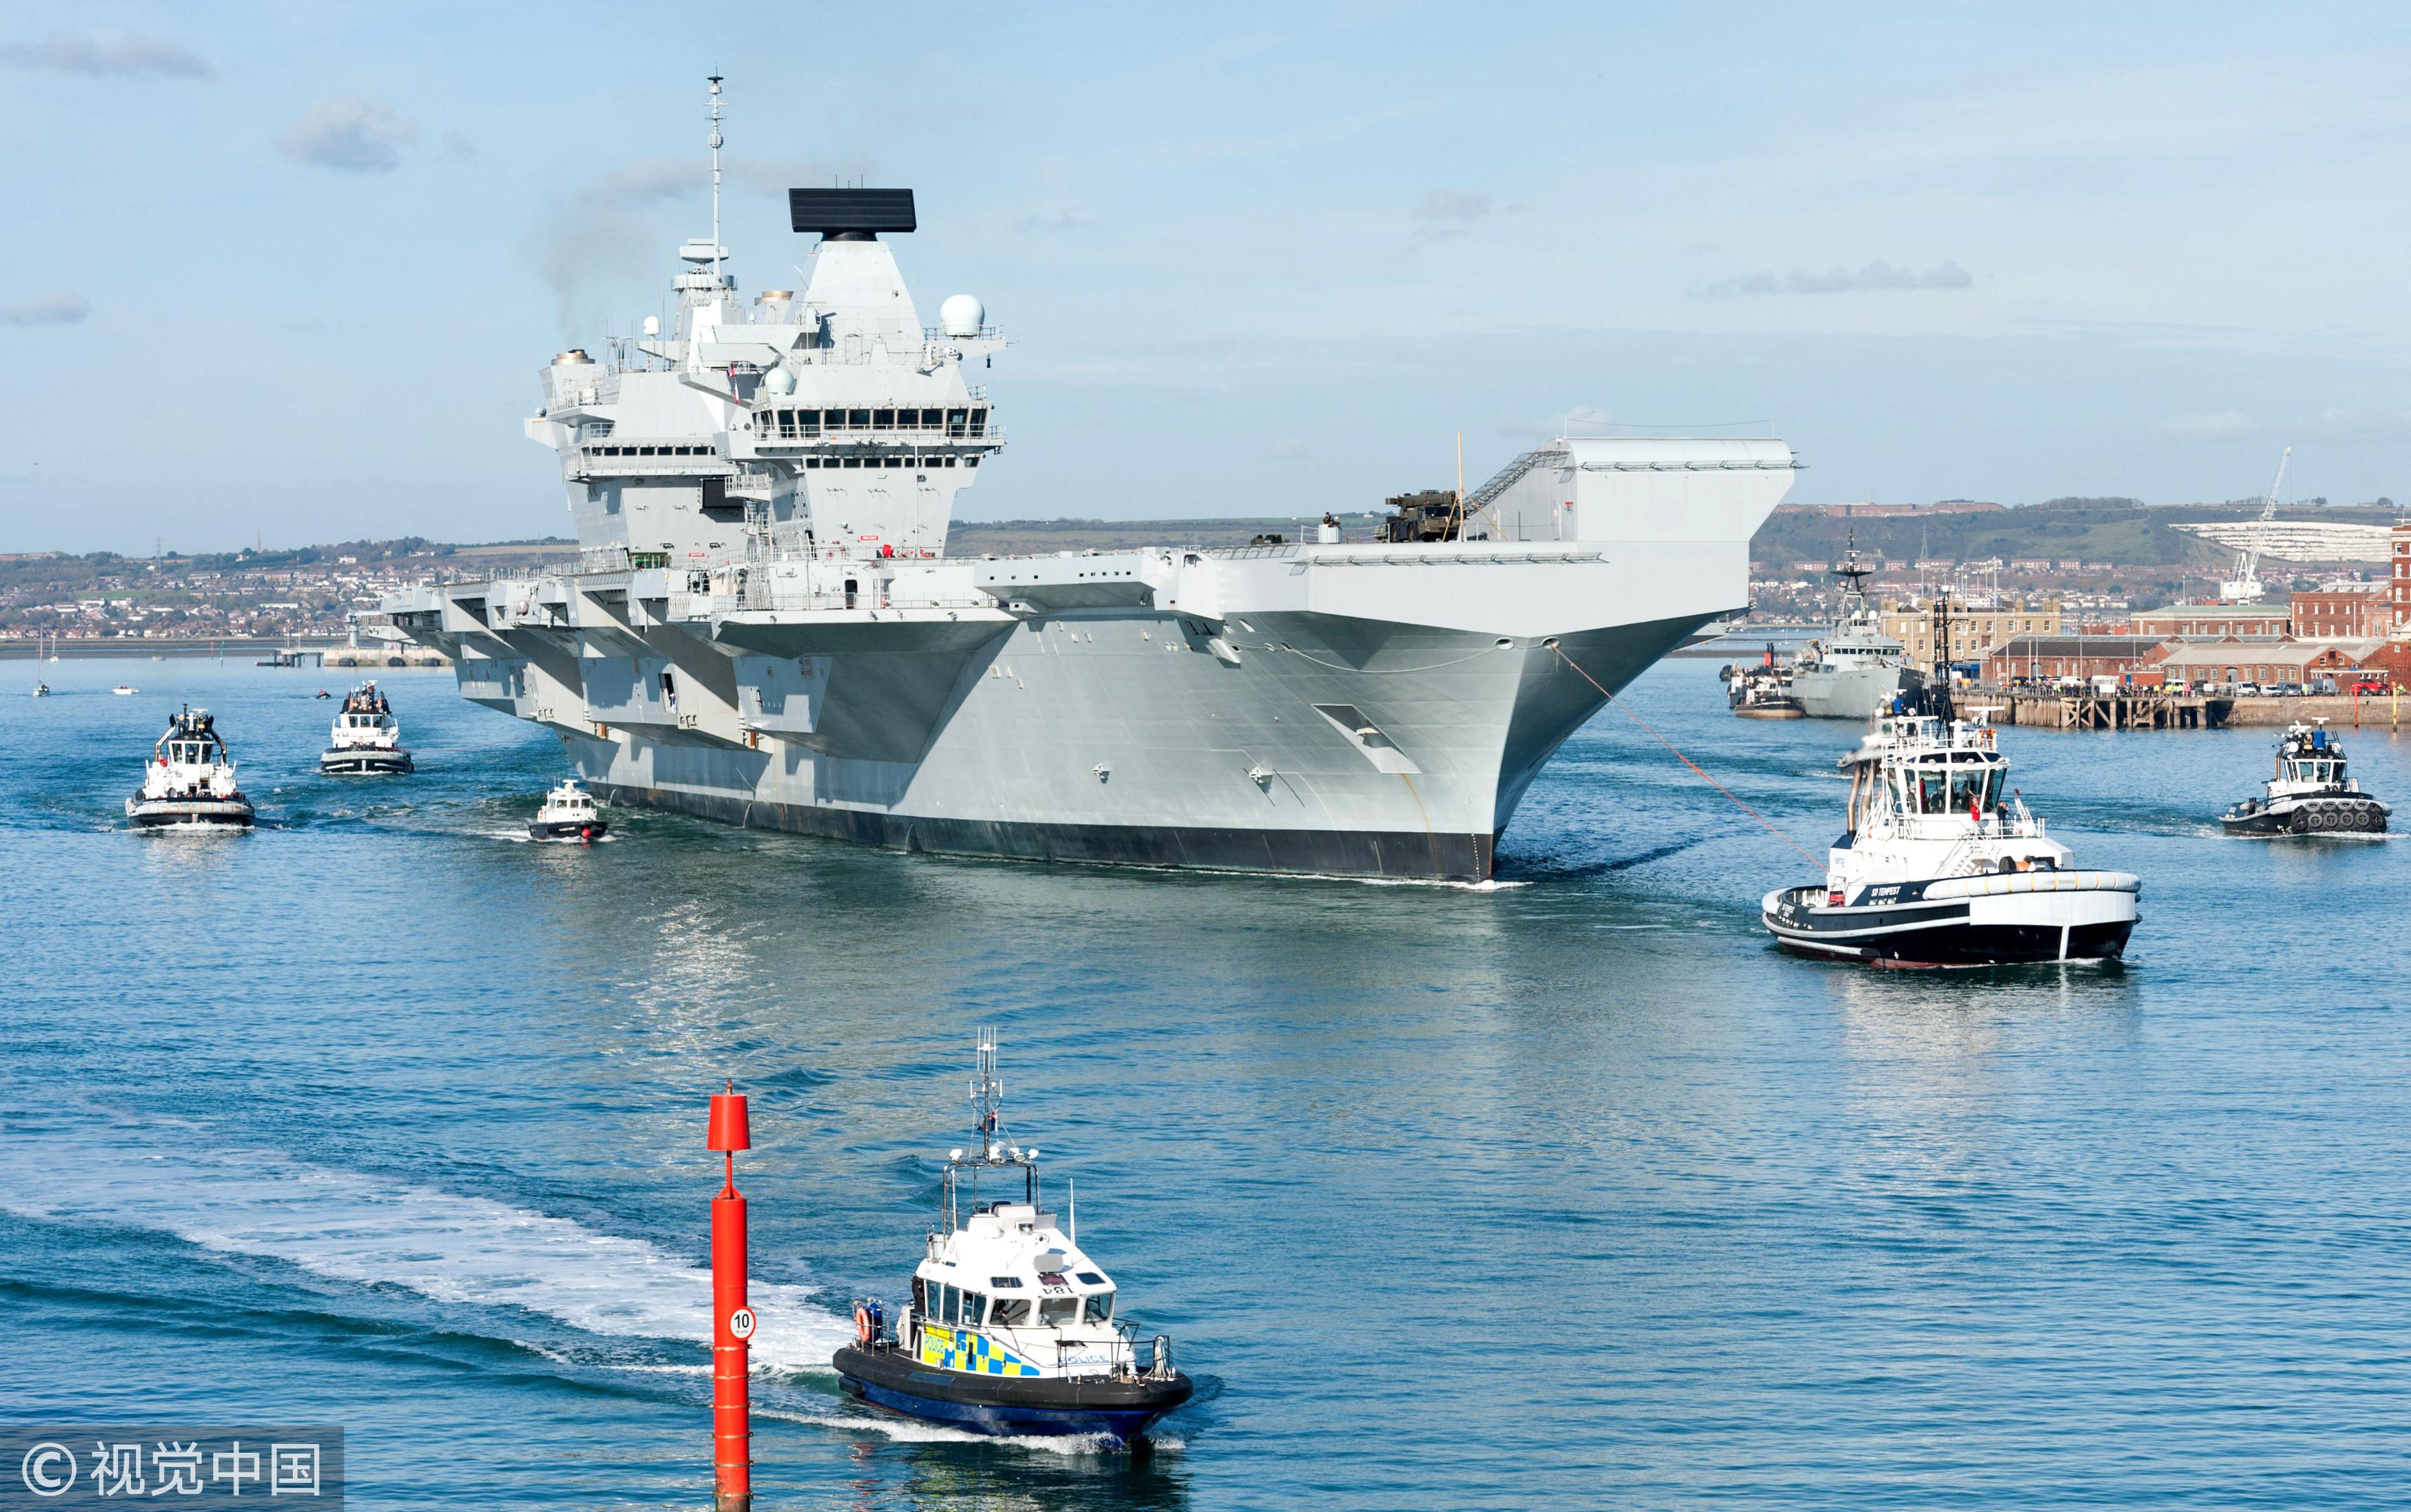 ▲▼2017年10月30日,伊麗莎白女王號航空母艦離開朴茨茅斯海軍基地將進行海上試航。(圖/視覺中國CFP)